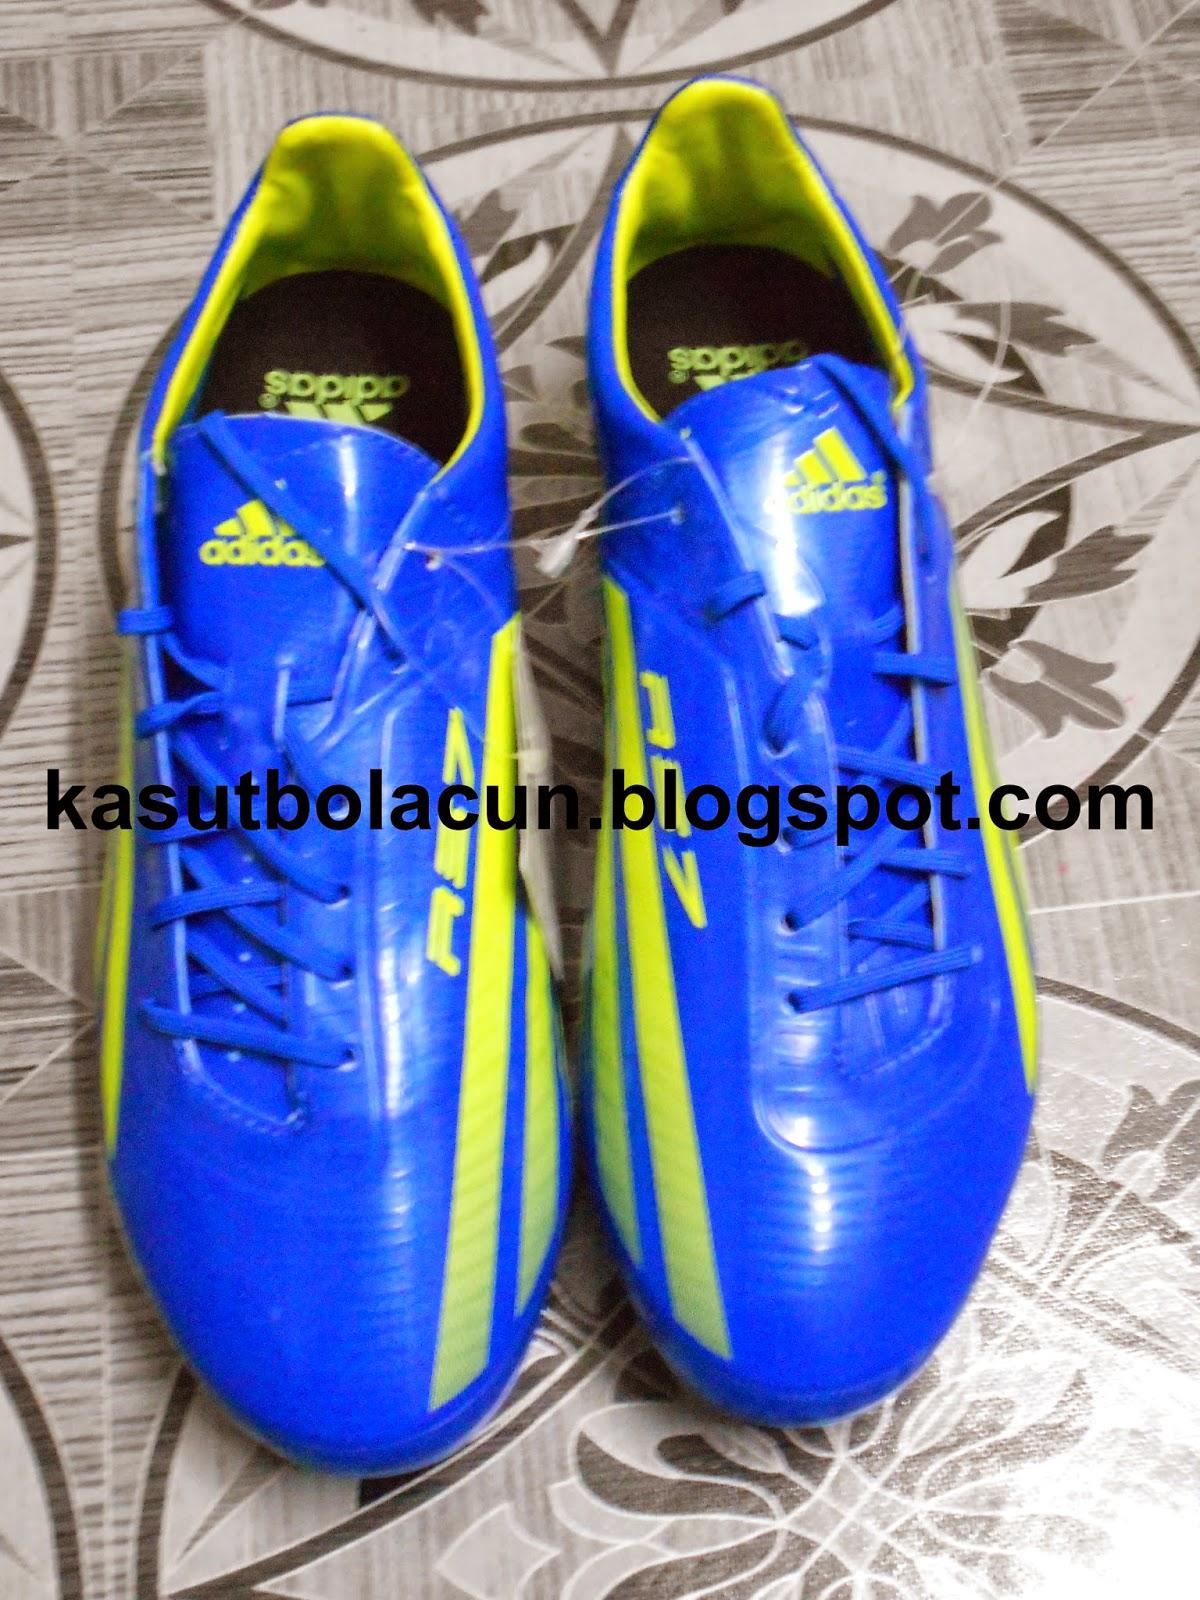 http://kasutbolacun.blogspot.com/2015/02/adidas-f50-adizero-rs7-2-sg.html